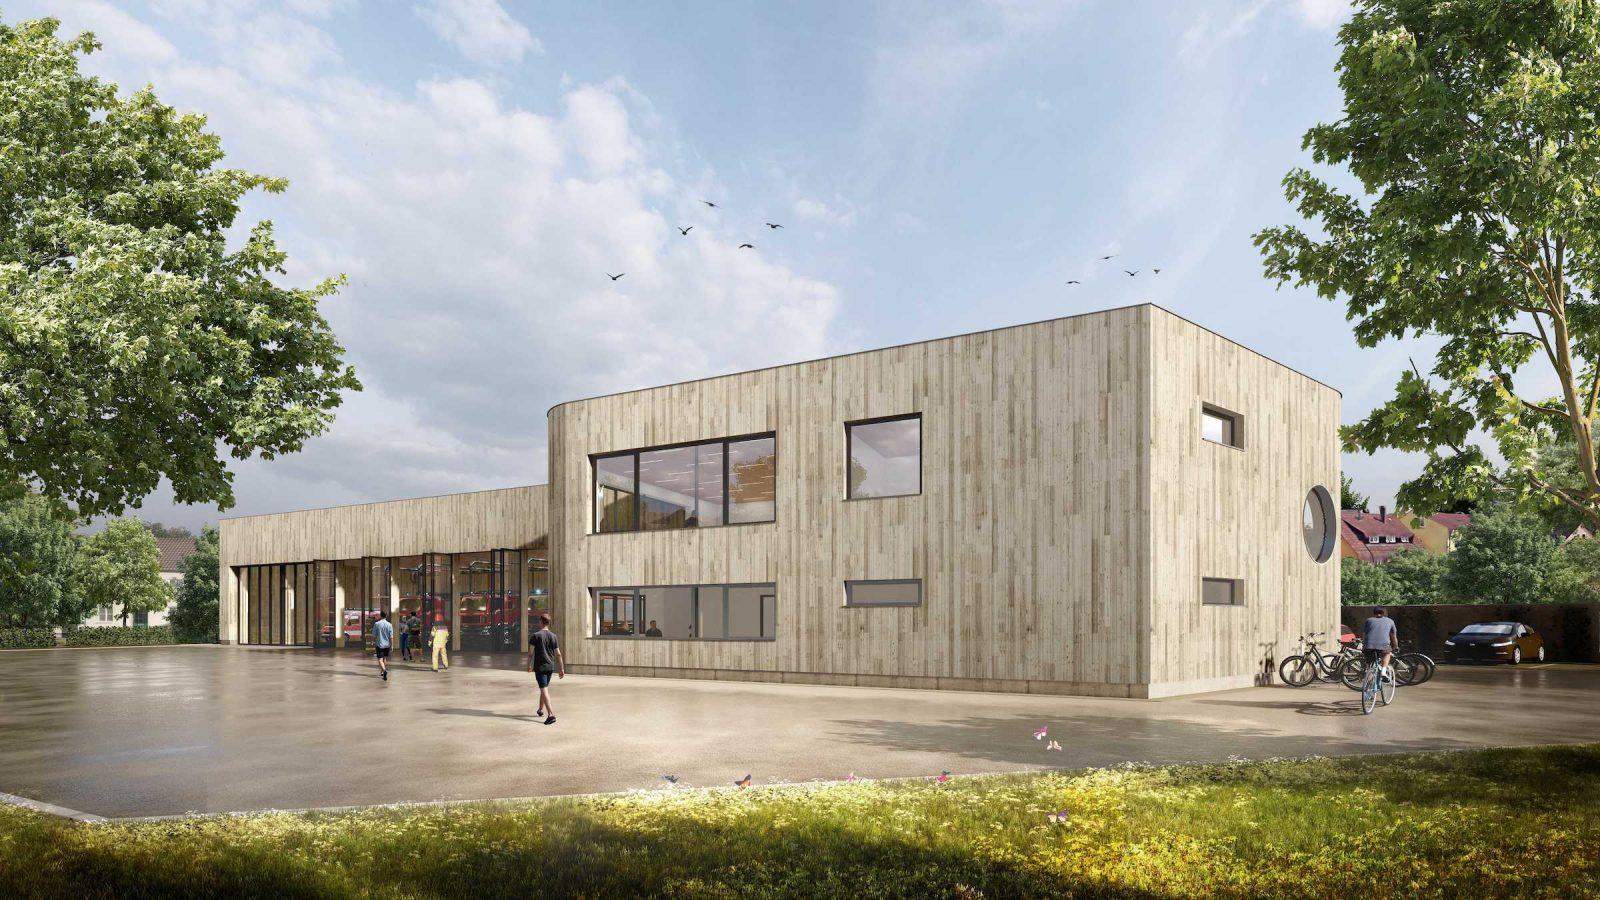 Gaus Architekten bauen in Tübingen ein Feuerwehrhaus aus Holz. Hier die Fahrzeughalle und das Bauteil mit Räumen für Verwaltung und Schulung (Bild: Gaus Architekten)